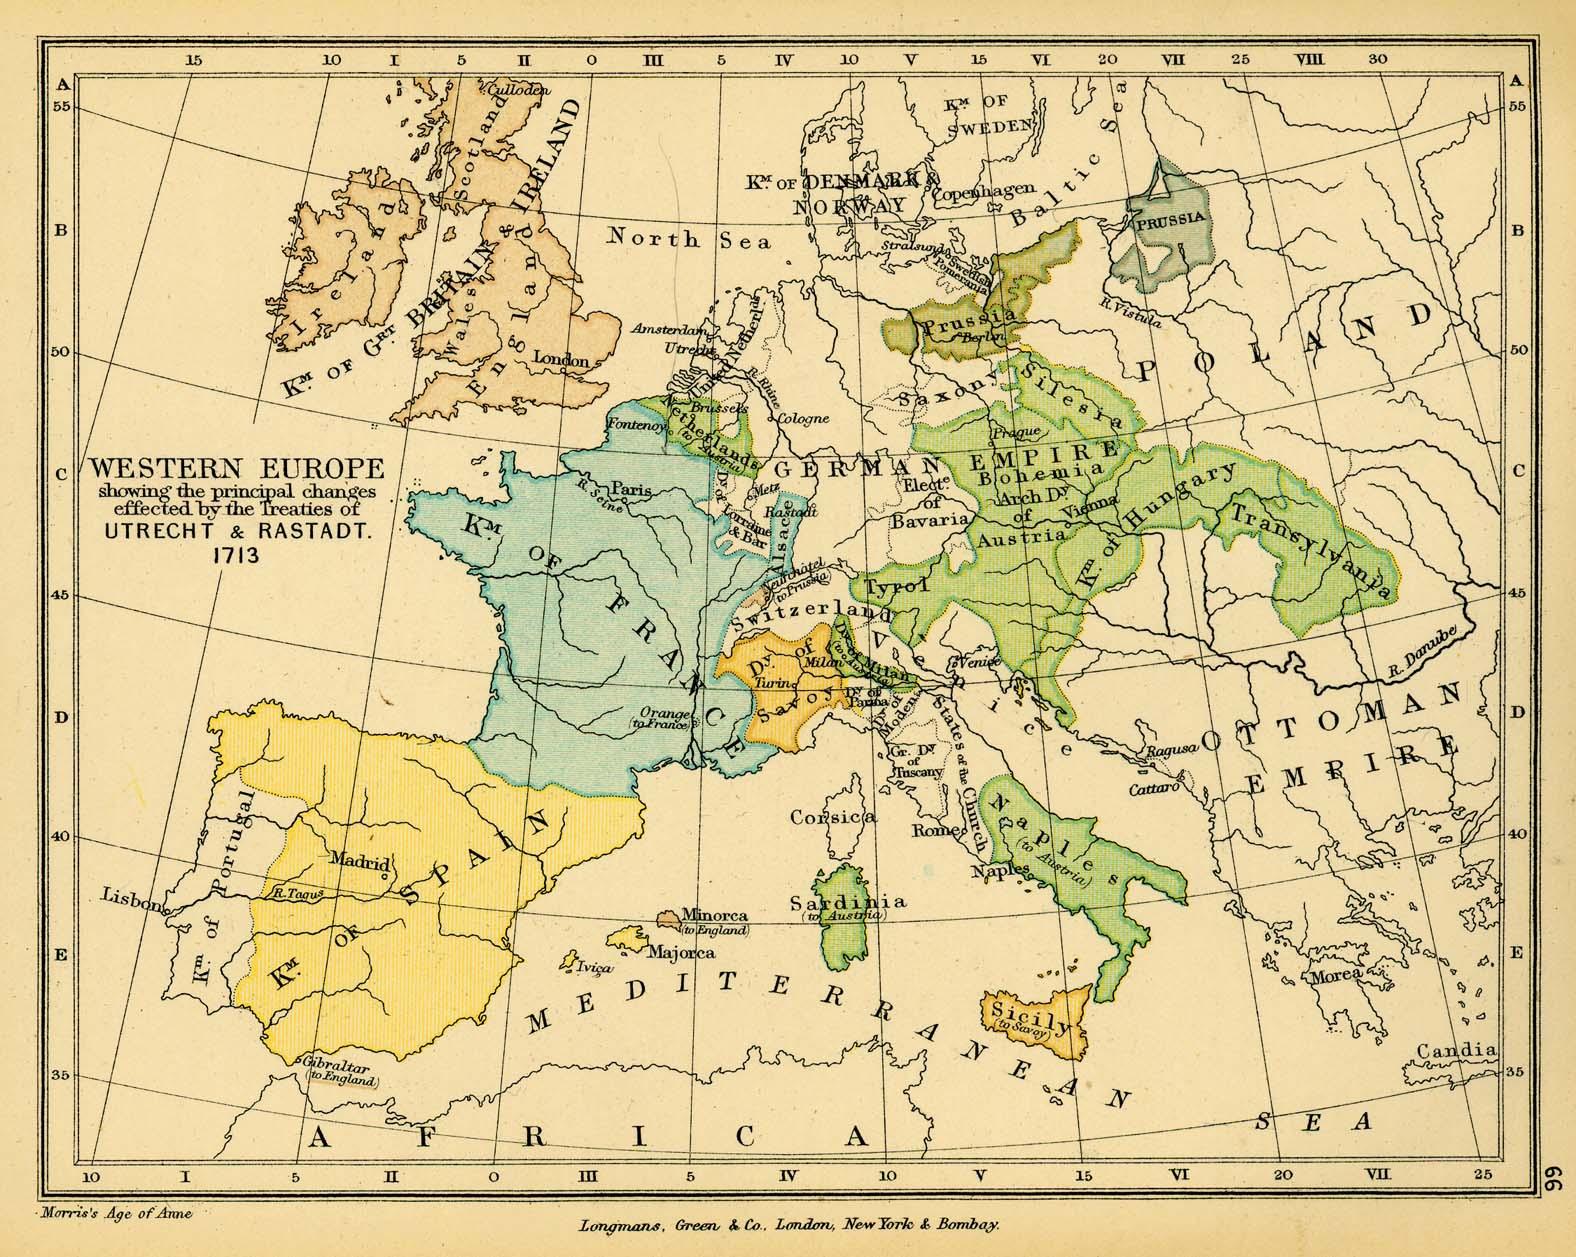 kaart europa duitsland